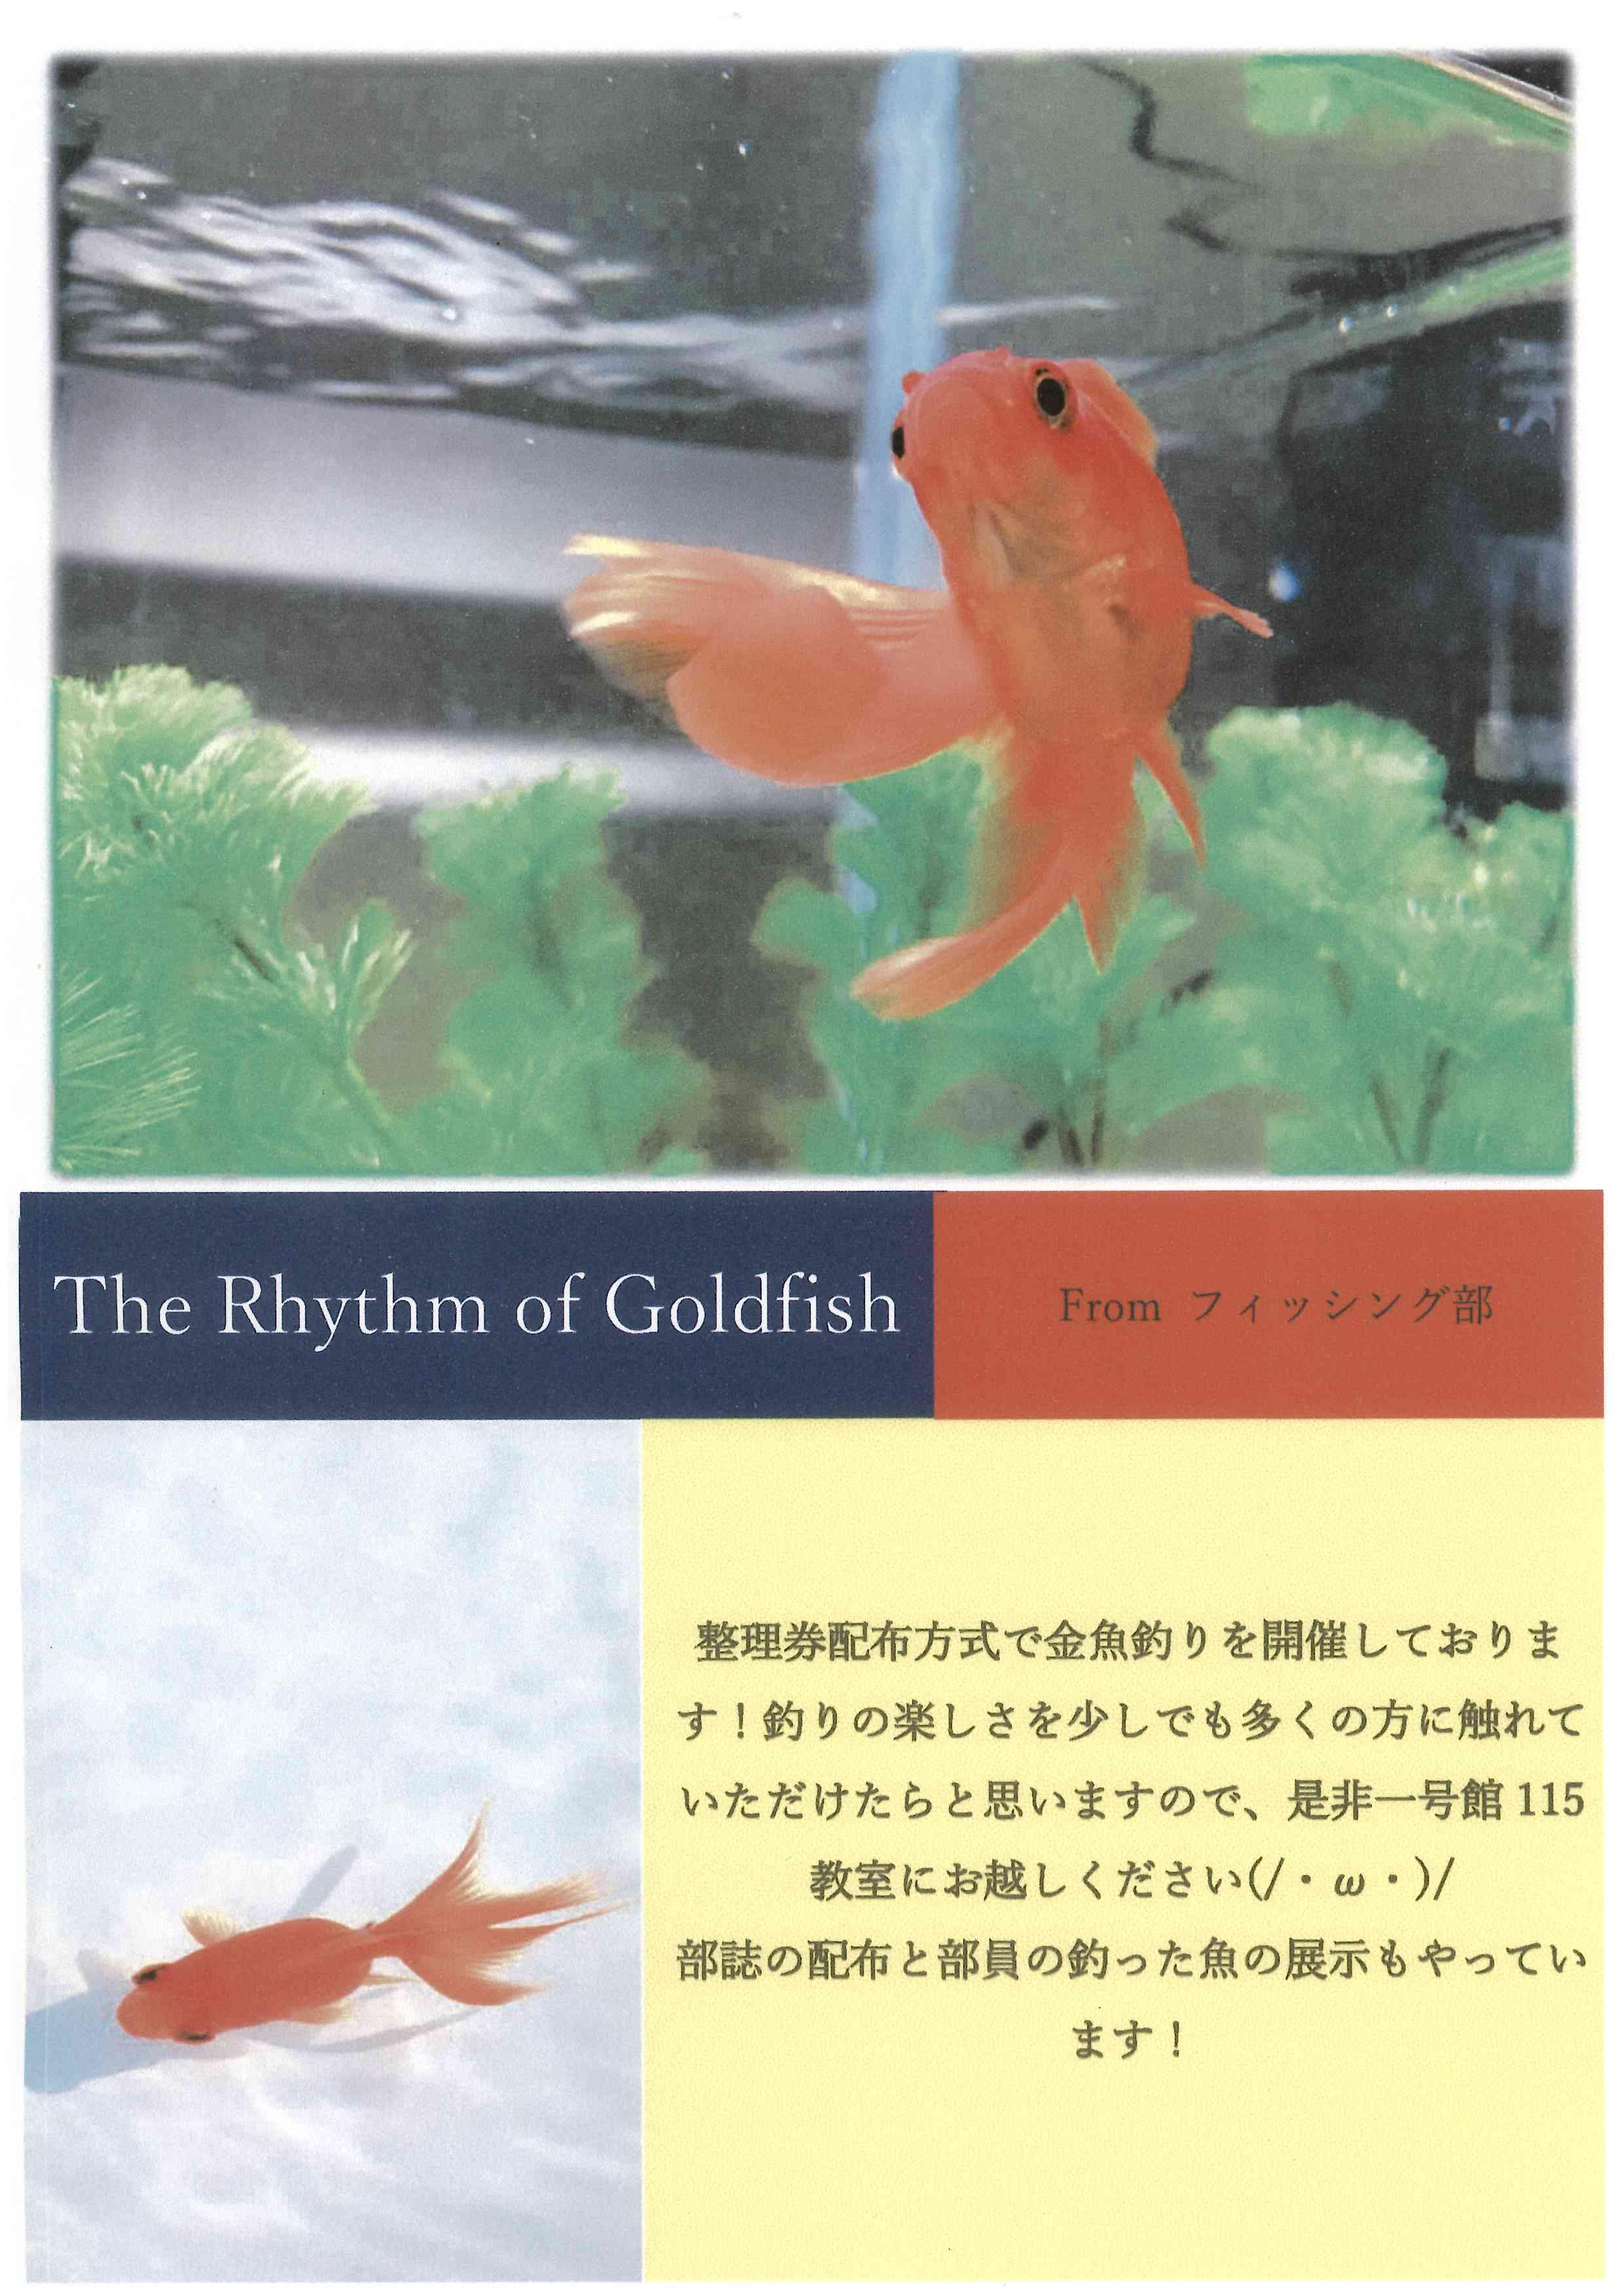 http://www.zushi-kaisei.ac.jp/news/a47c8231e106935153064a87f1f3d251f2284bf2.jpg